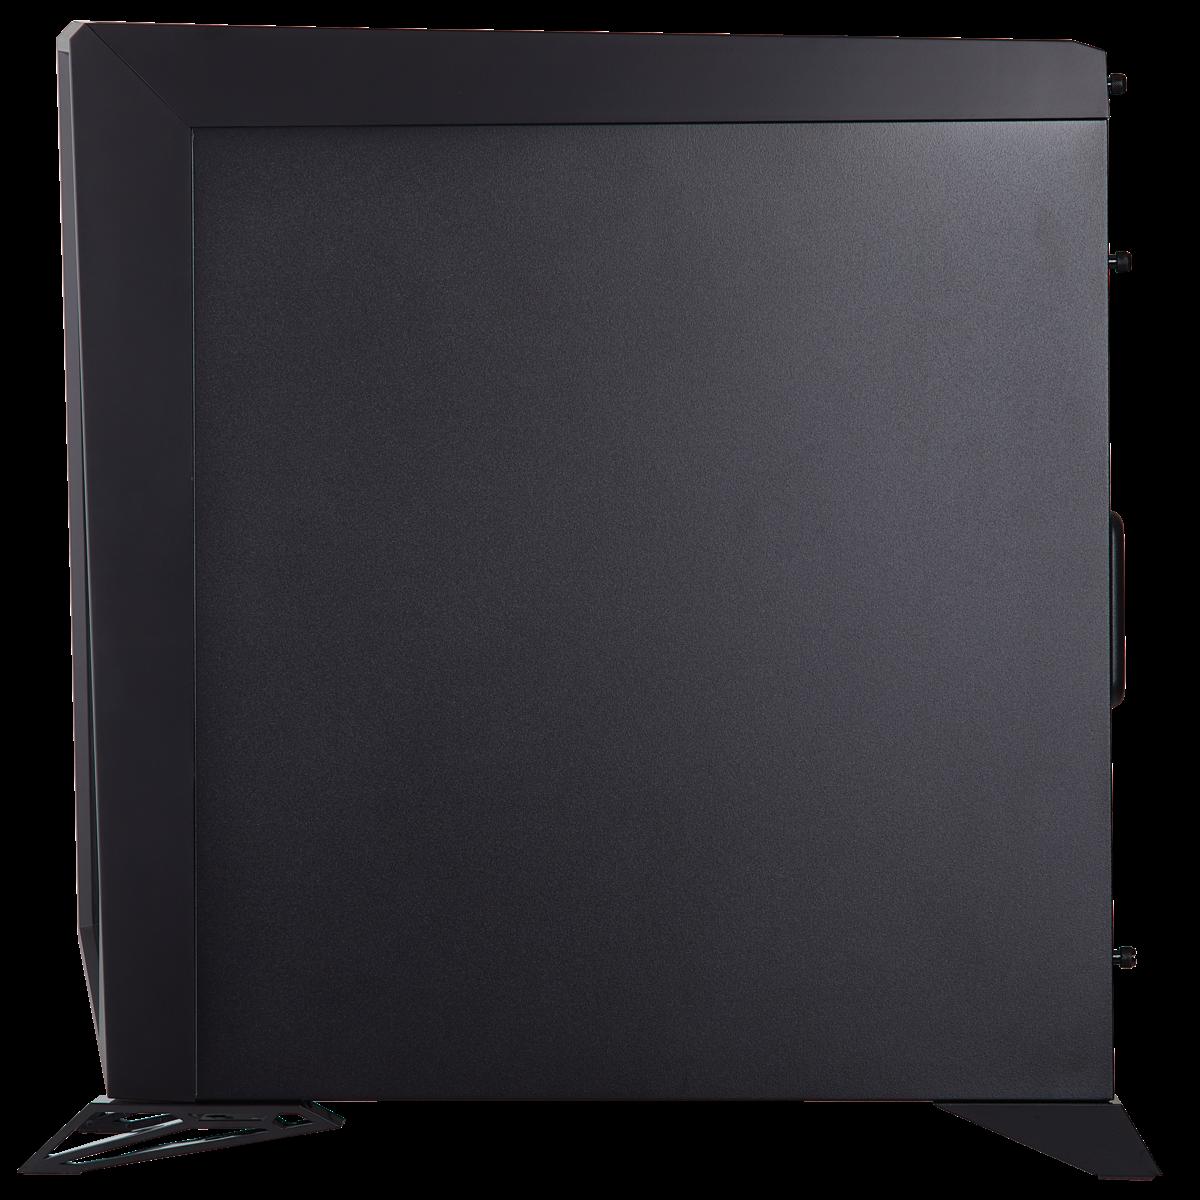 Case Corsair SPEC OMEGA RGB GAMING